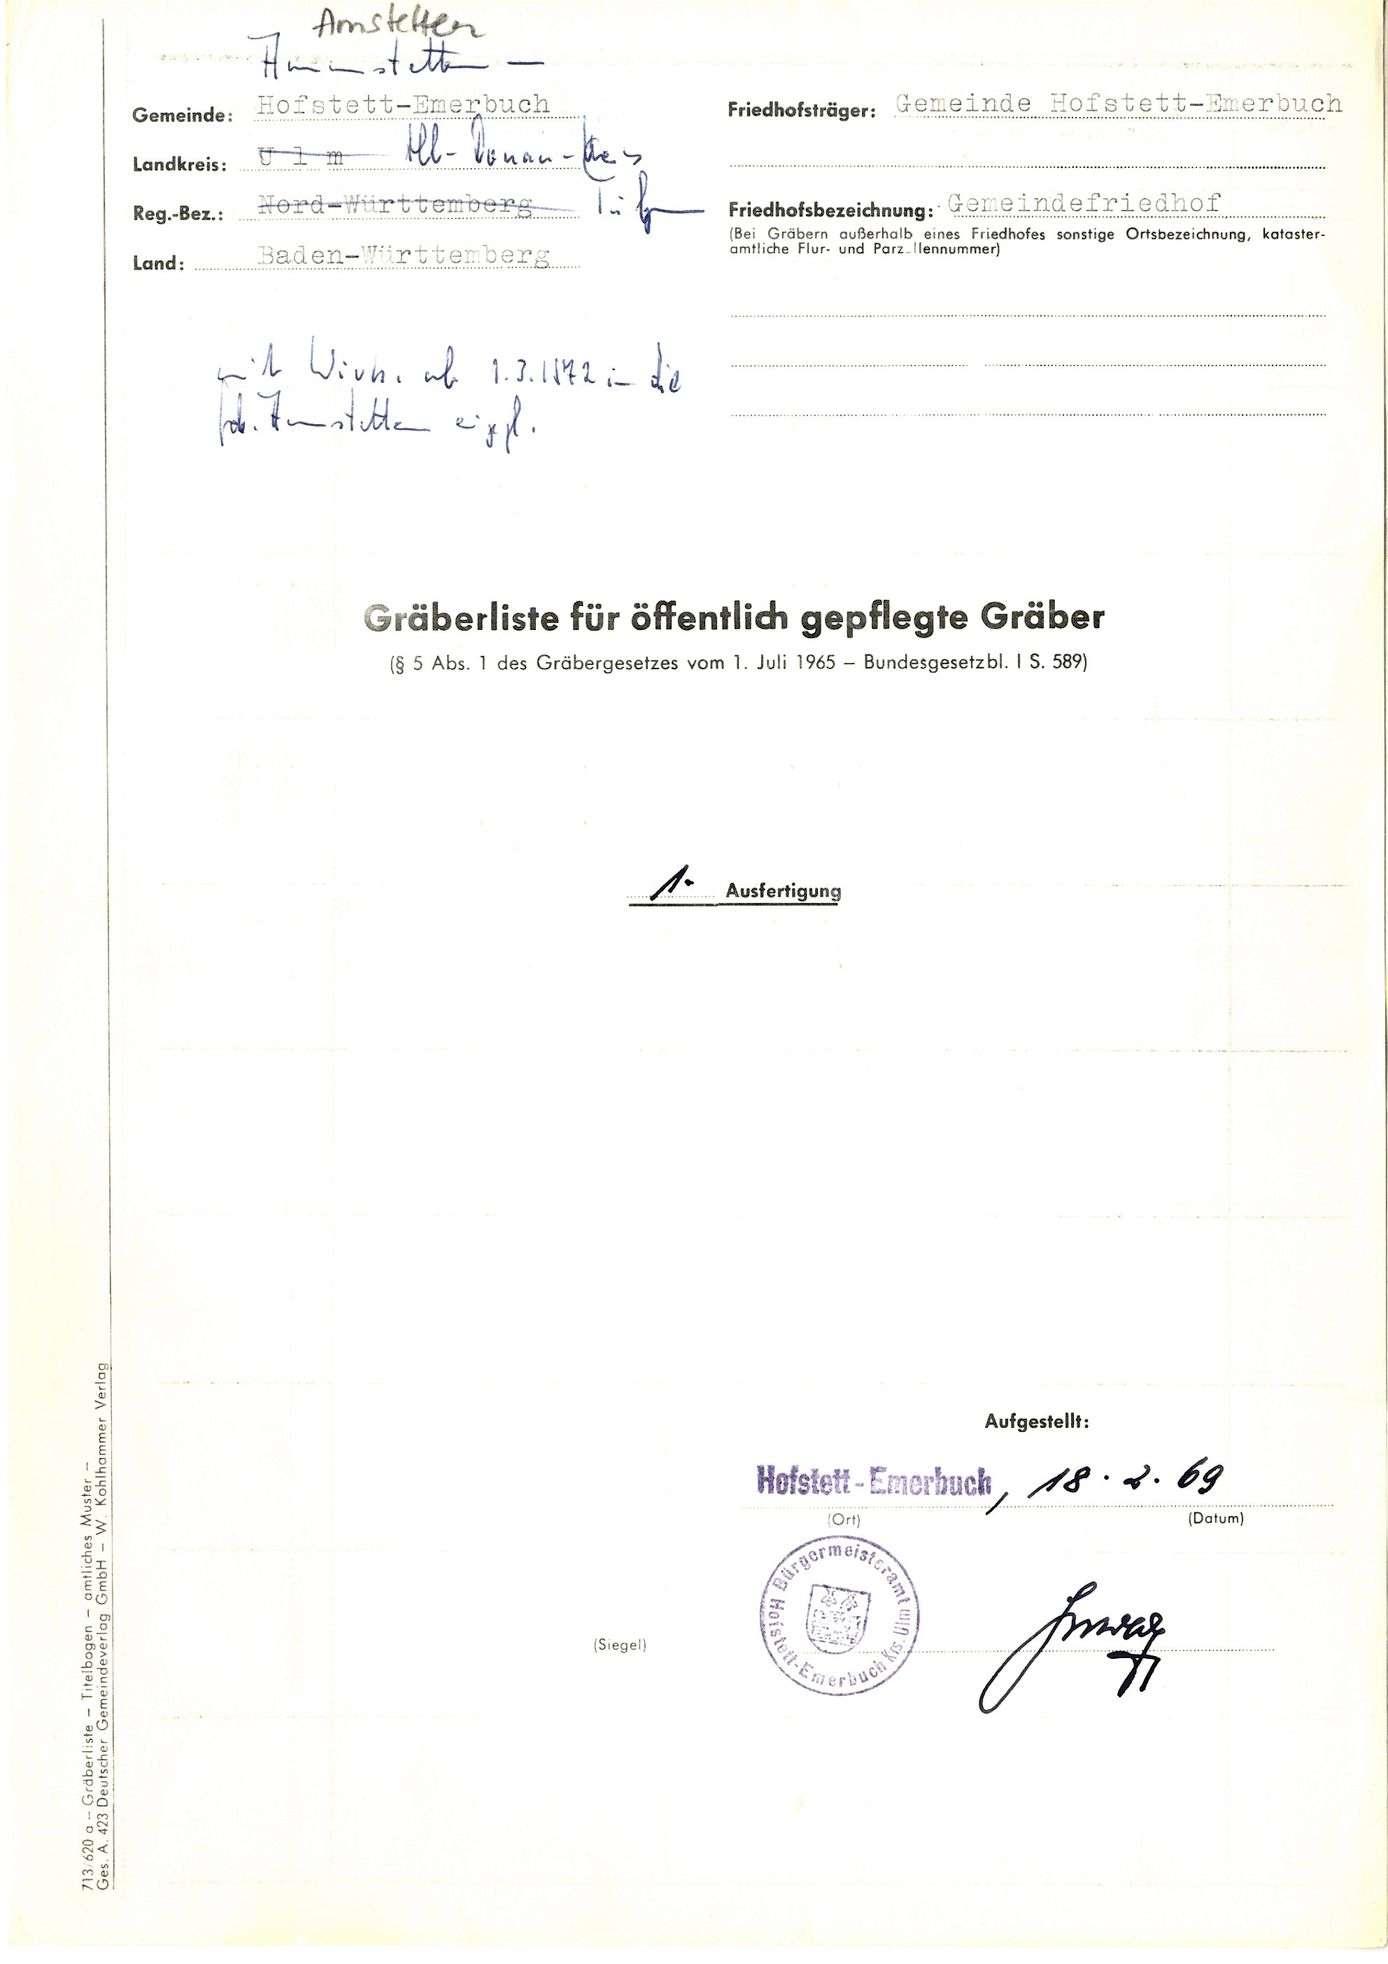 Hofstett-Emerbuch, Bild 1